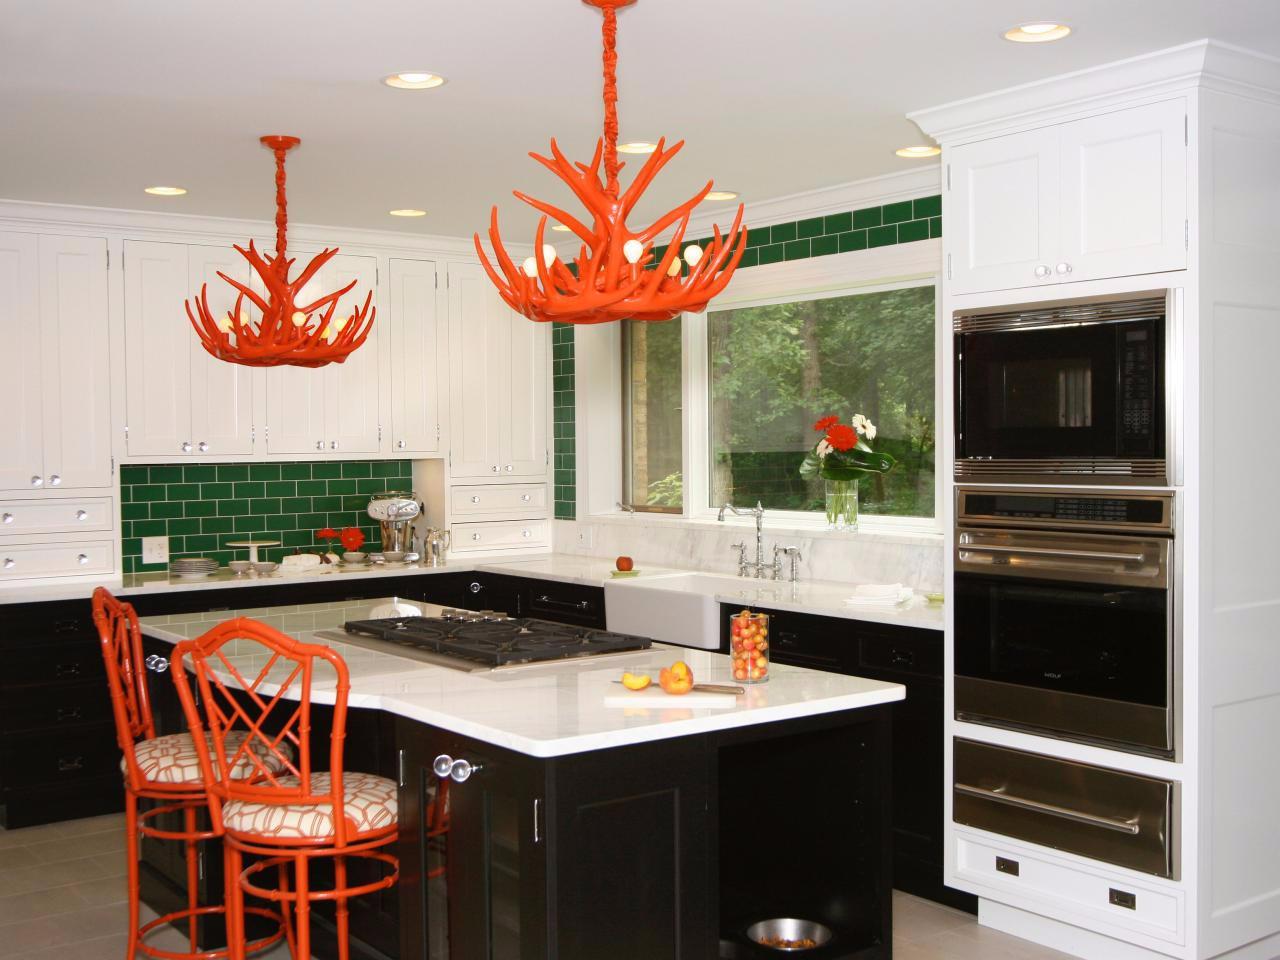 raney_kitchen3.jpg.rend.hgtvcom.1280.960